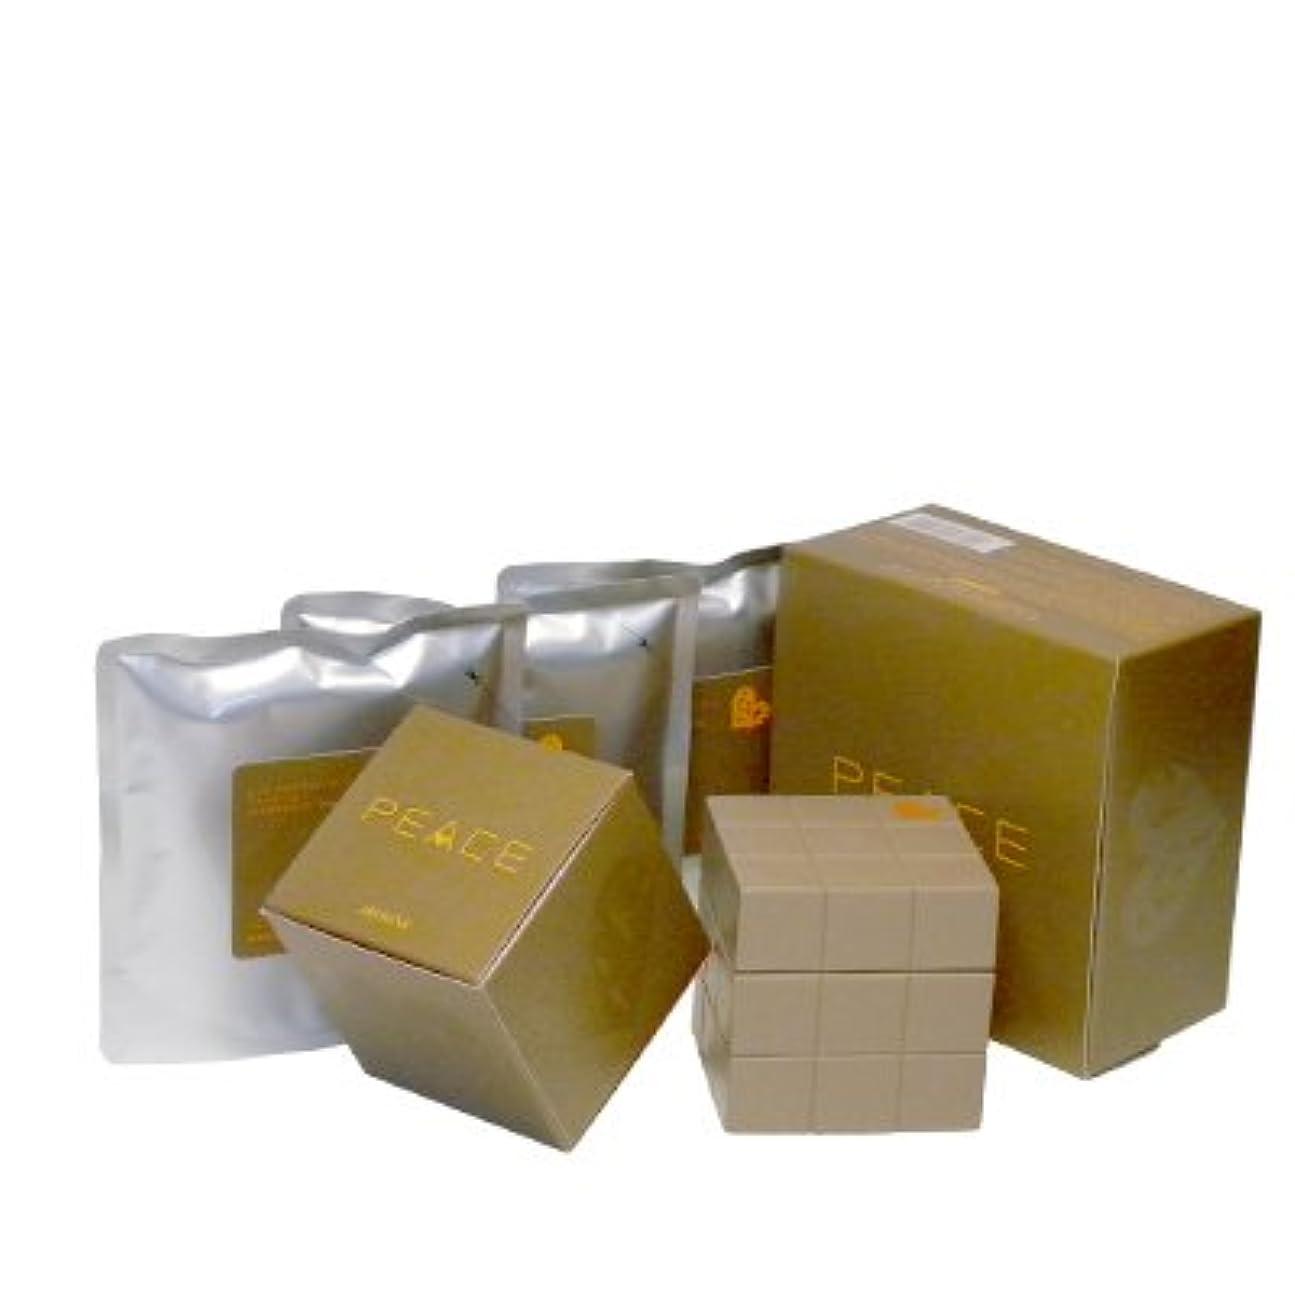 小石弾性風刺アリミノ ピース プロデザインシリーズ ソフトワックス カフェオレ80g+詰め替え80g×3